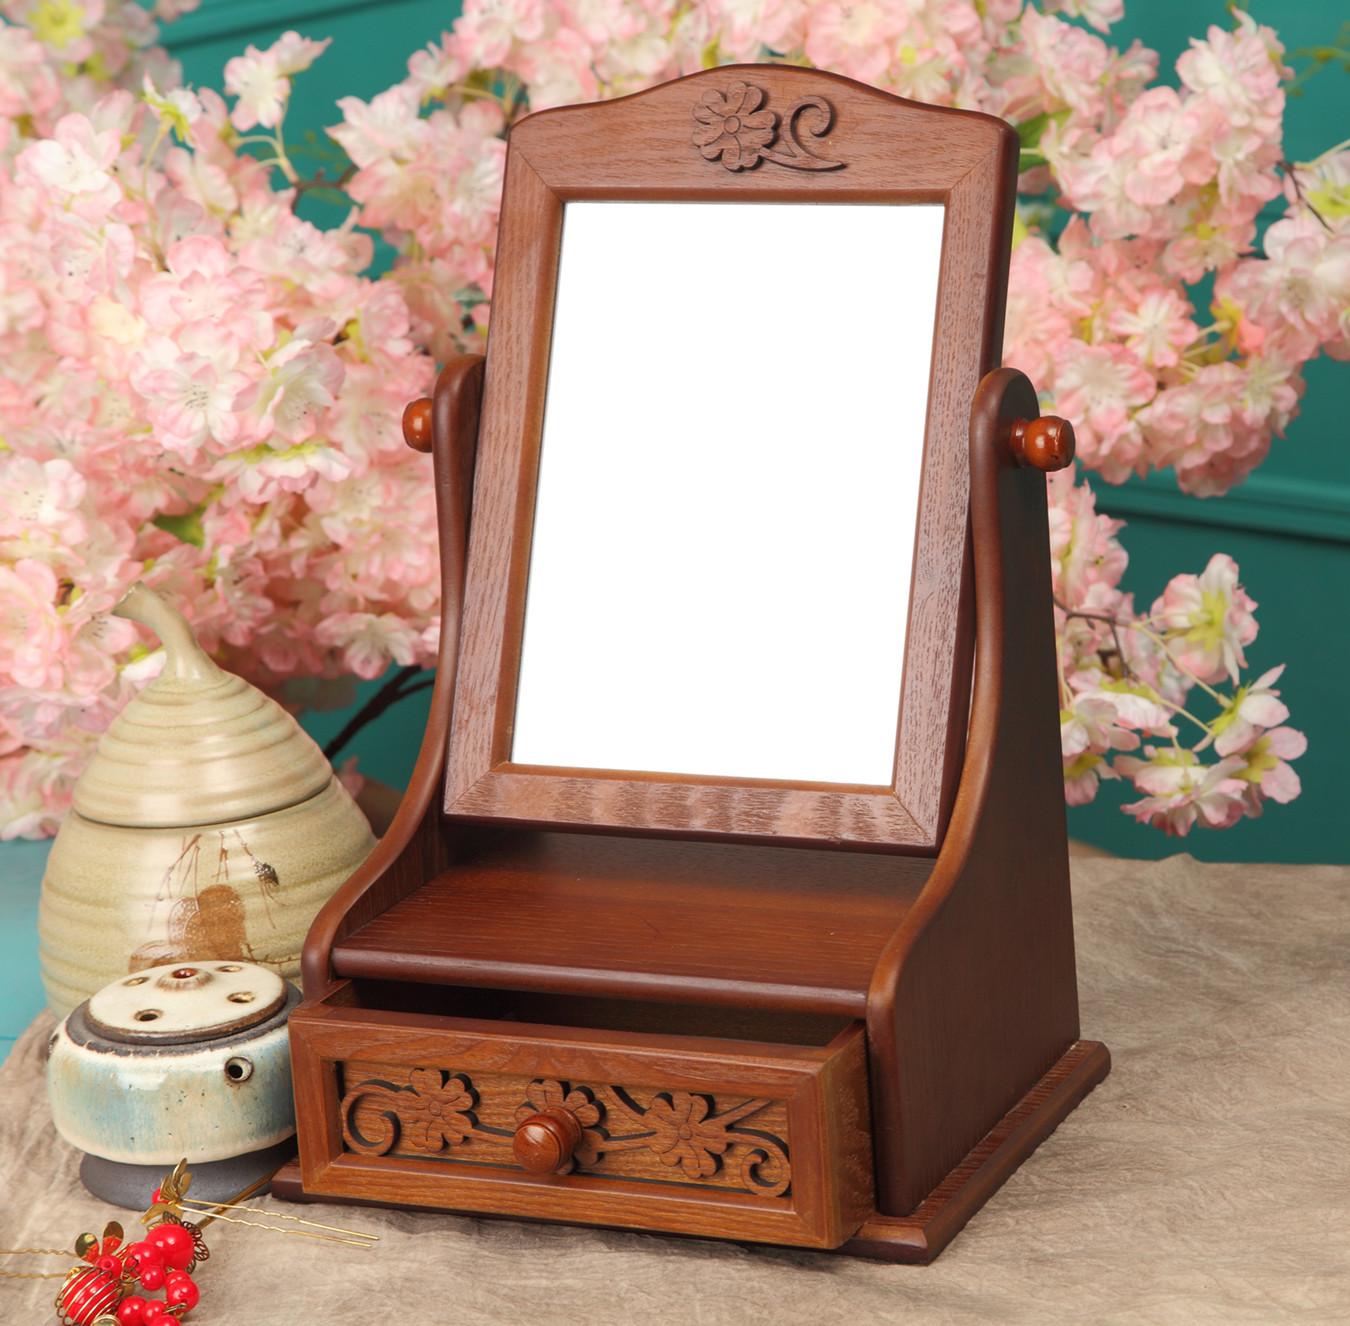 Compra tablas de madera espejo de online al por mayor de for Aparadores con espejo